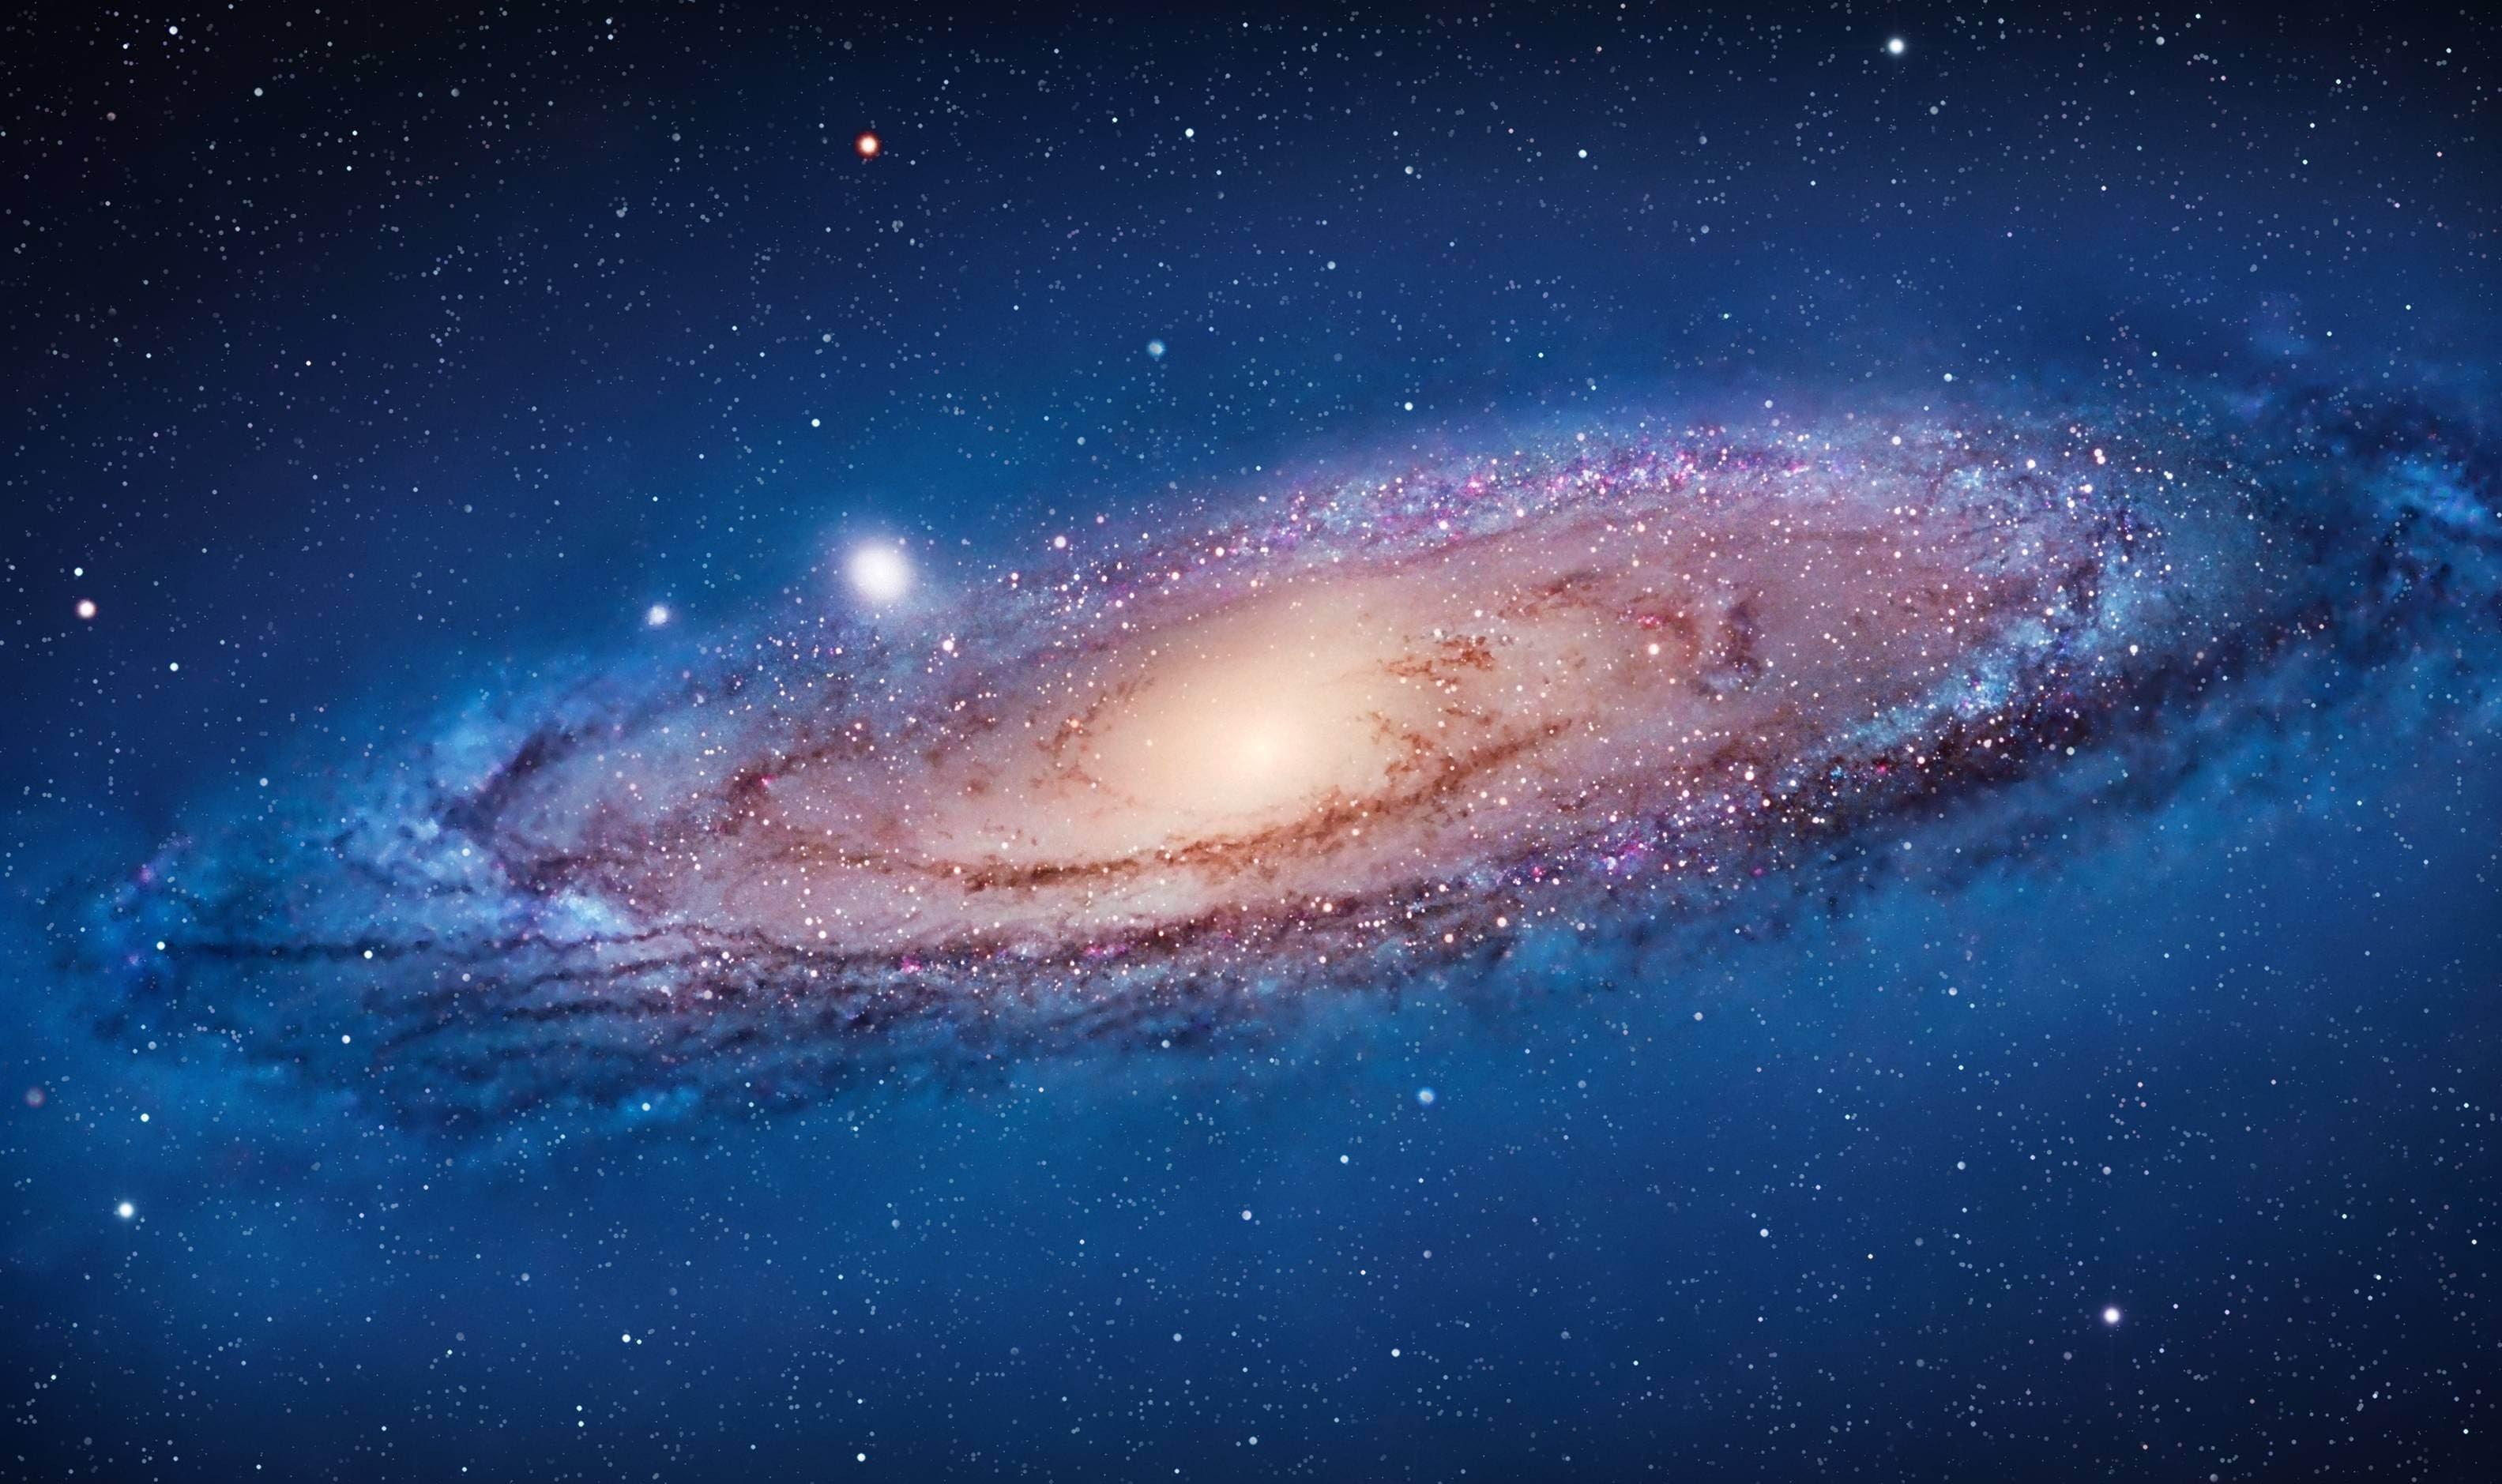 Астрономы пояснили, откуда берутся звезды-странники Млечного Пути